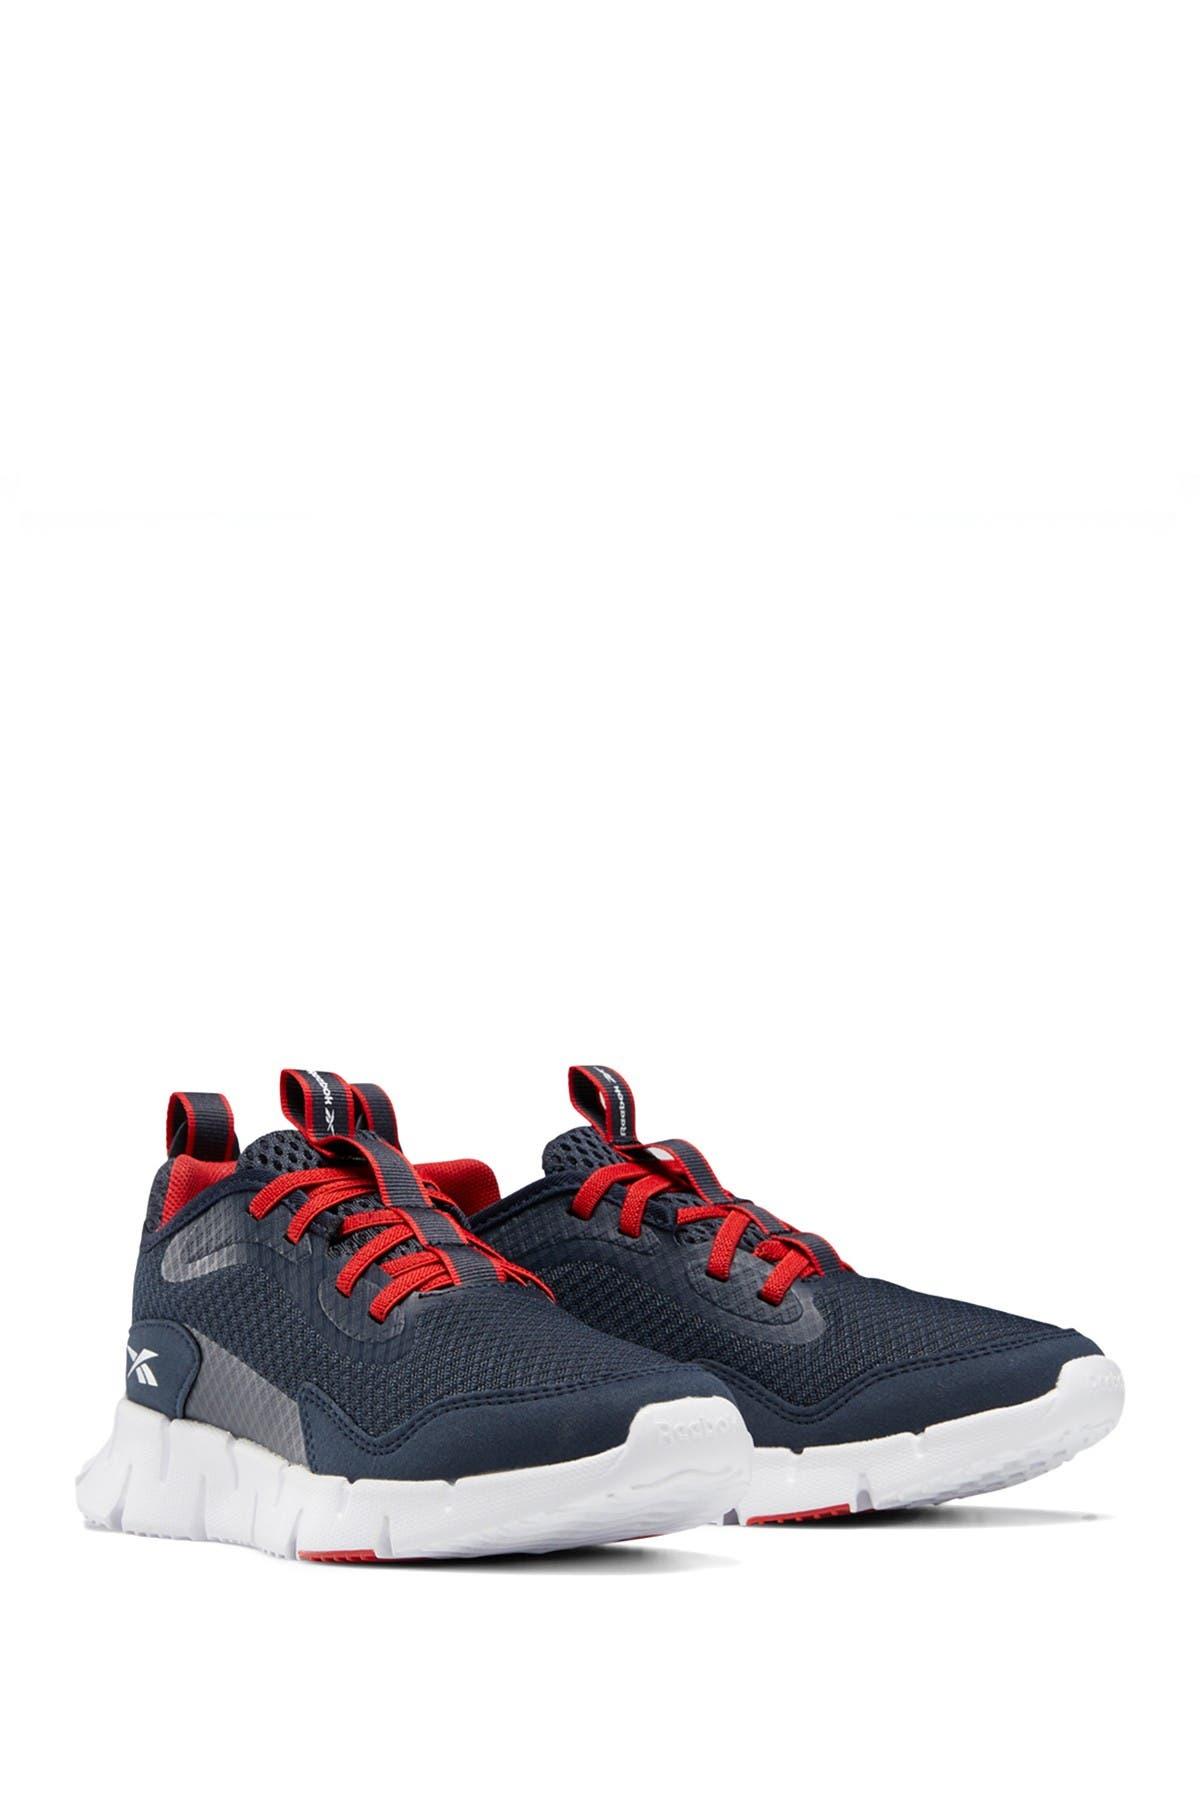 Image of Reebok Zig Dynamica Alt Sneaker